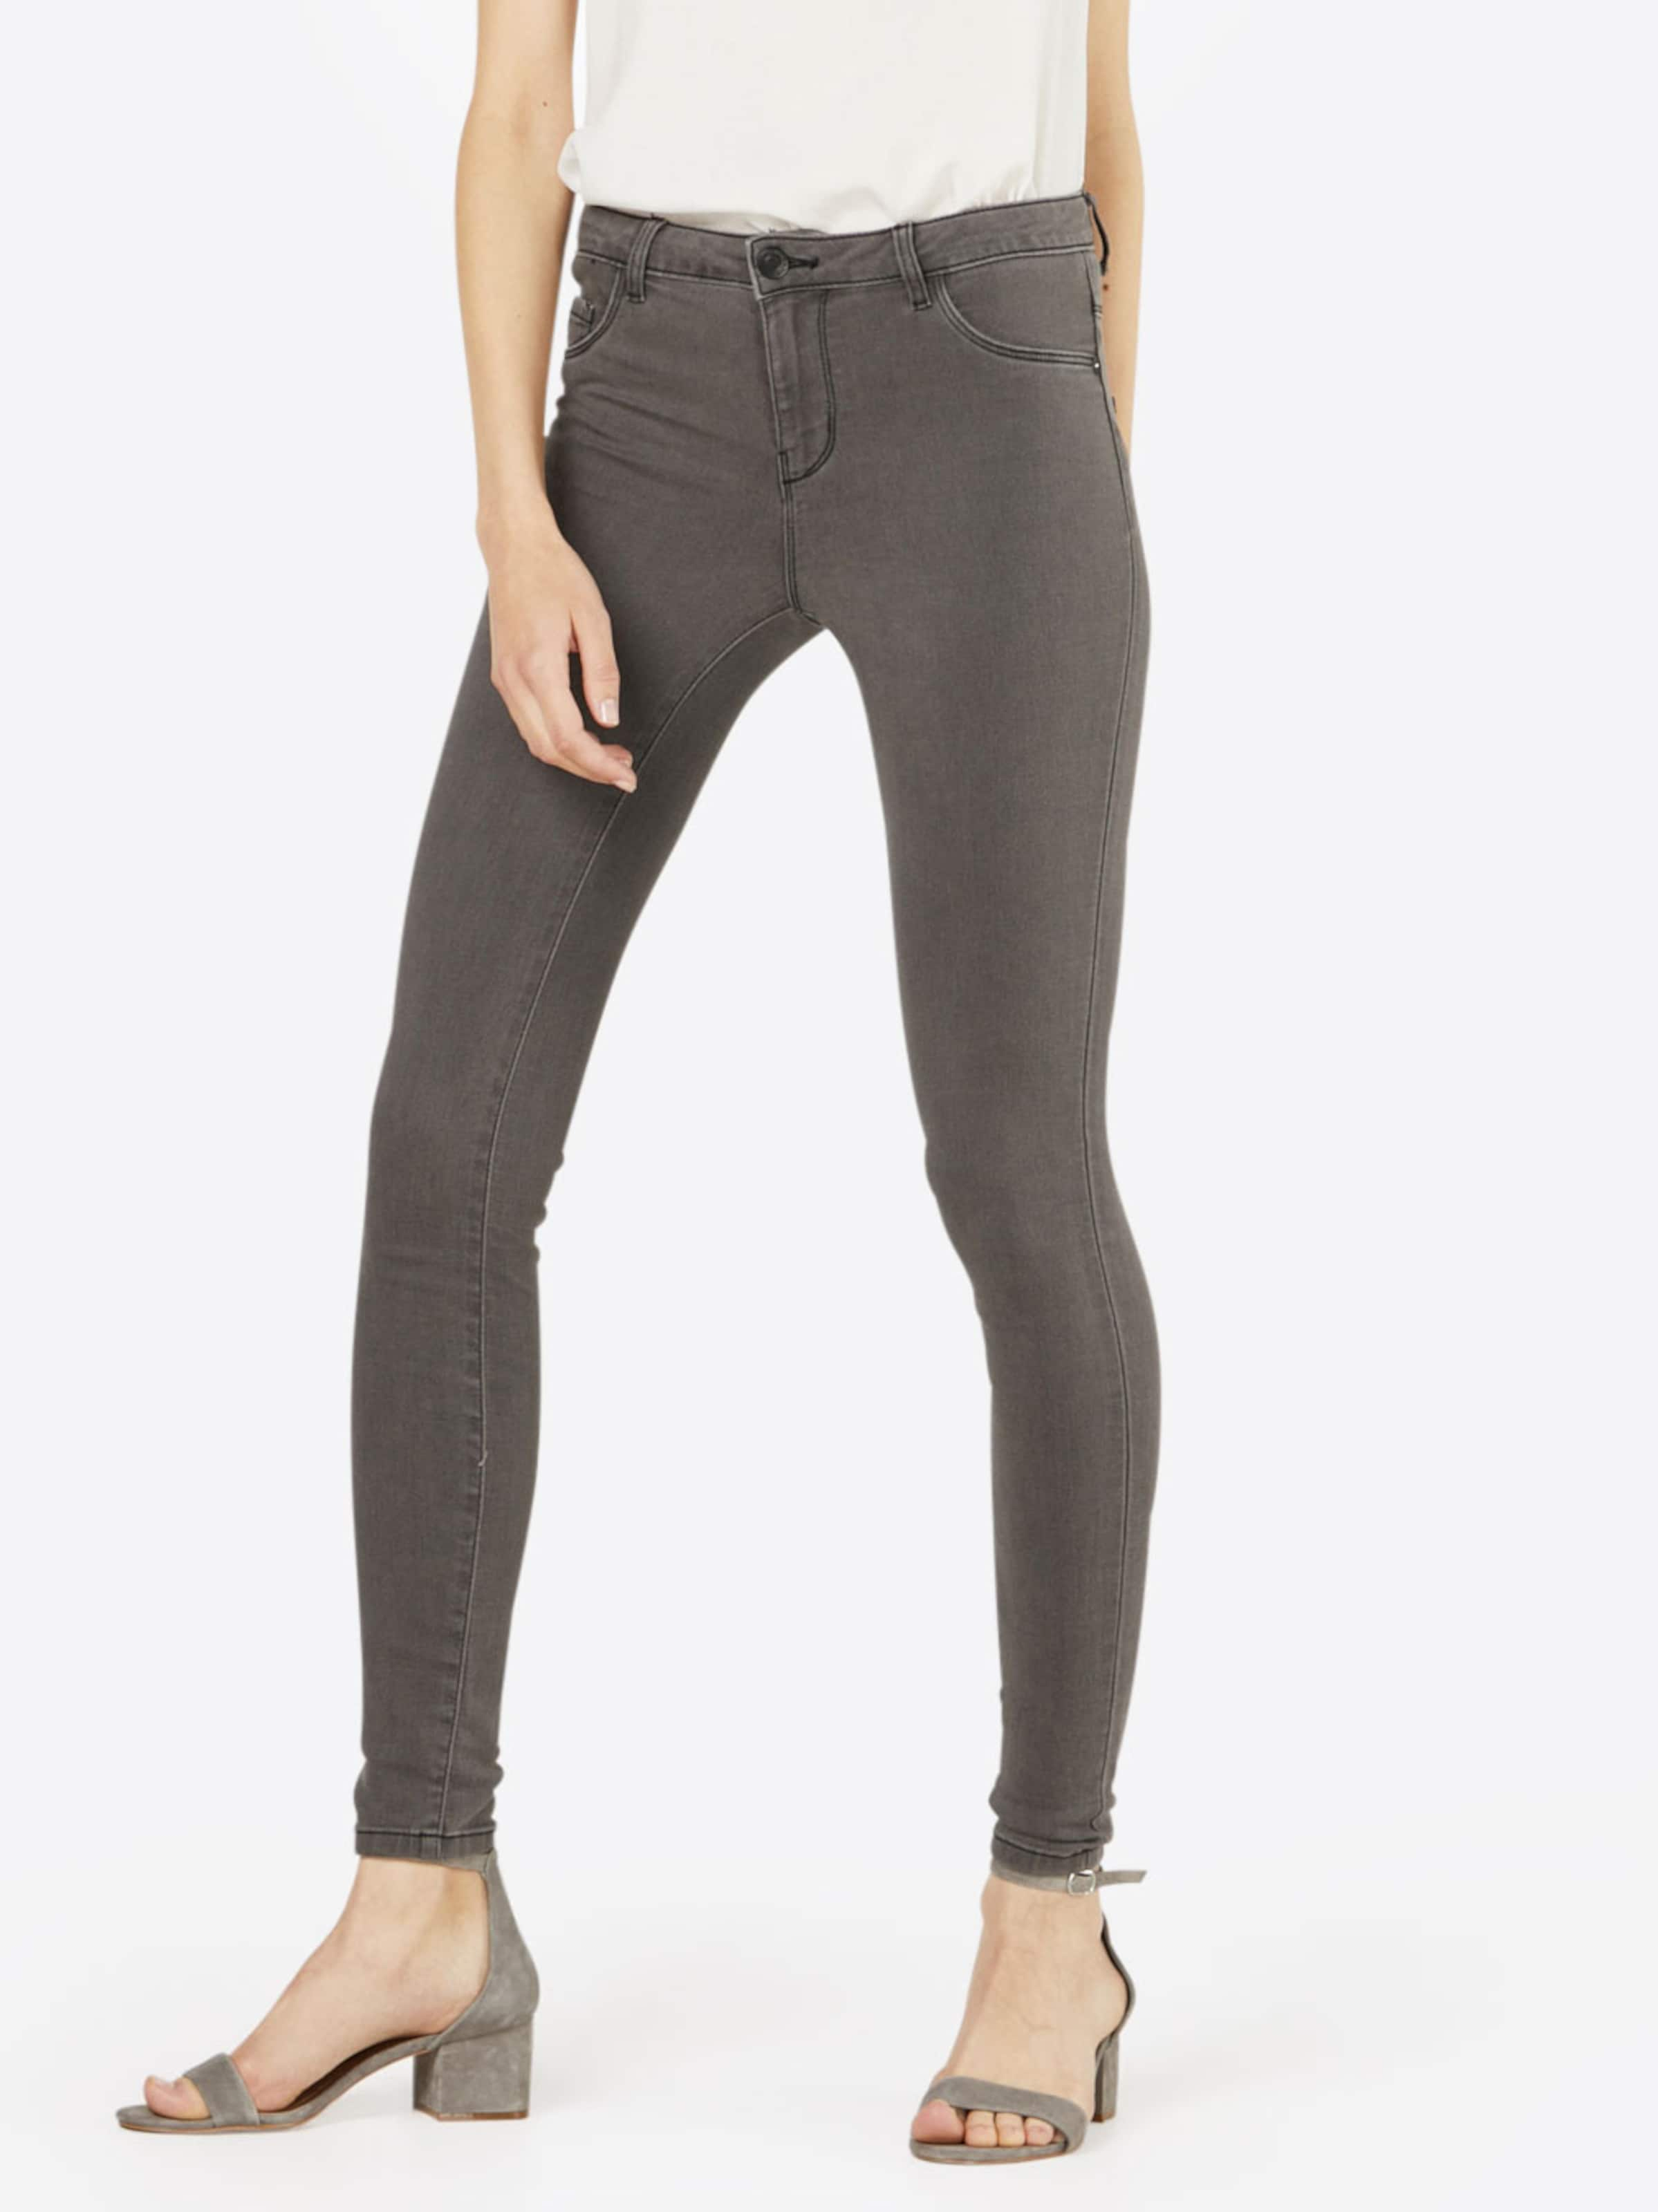 2018 Neuester Günstiger Preis JACQUELINE de YONG 'JDYSKINNY LOW ULLE GREY JEANS DNM NOOS' Skinny-Jeans Neue Stile Zu Verkaufen Extrem Günstig Online Gut Verkaufen Verkauf Online Billig Original uU3uiJw3a